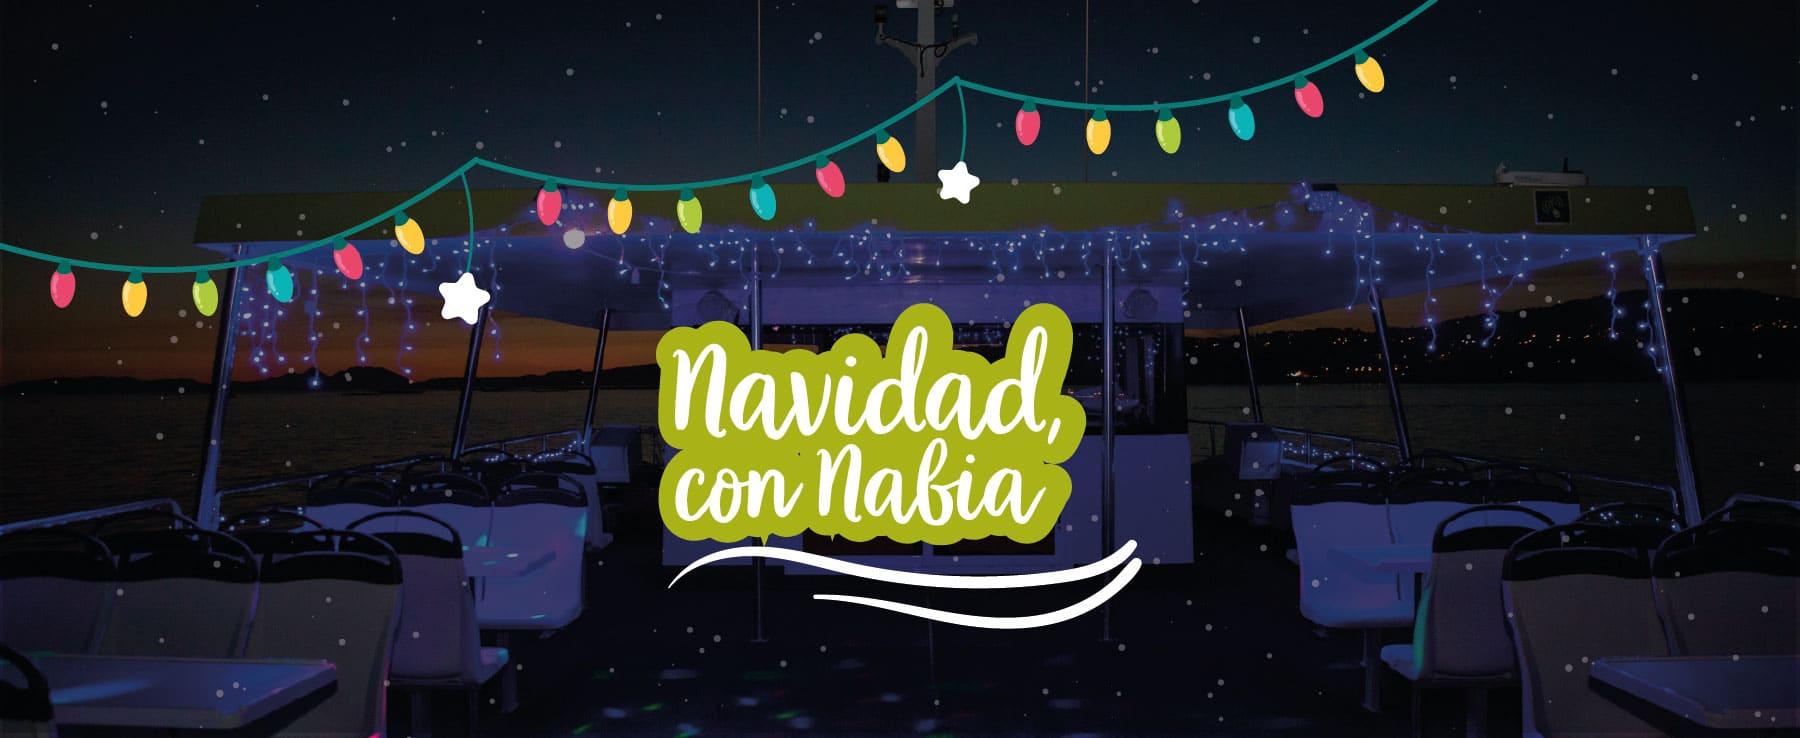 Nabia-Navidad